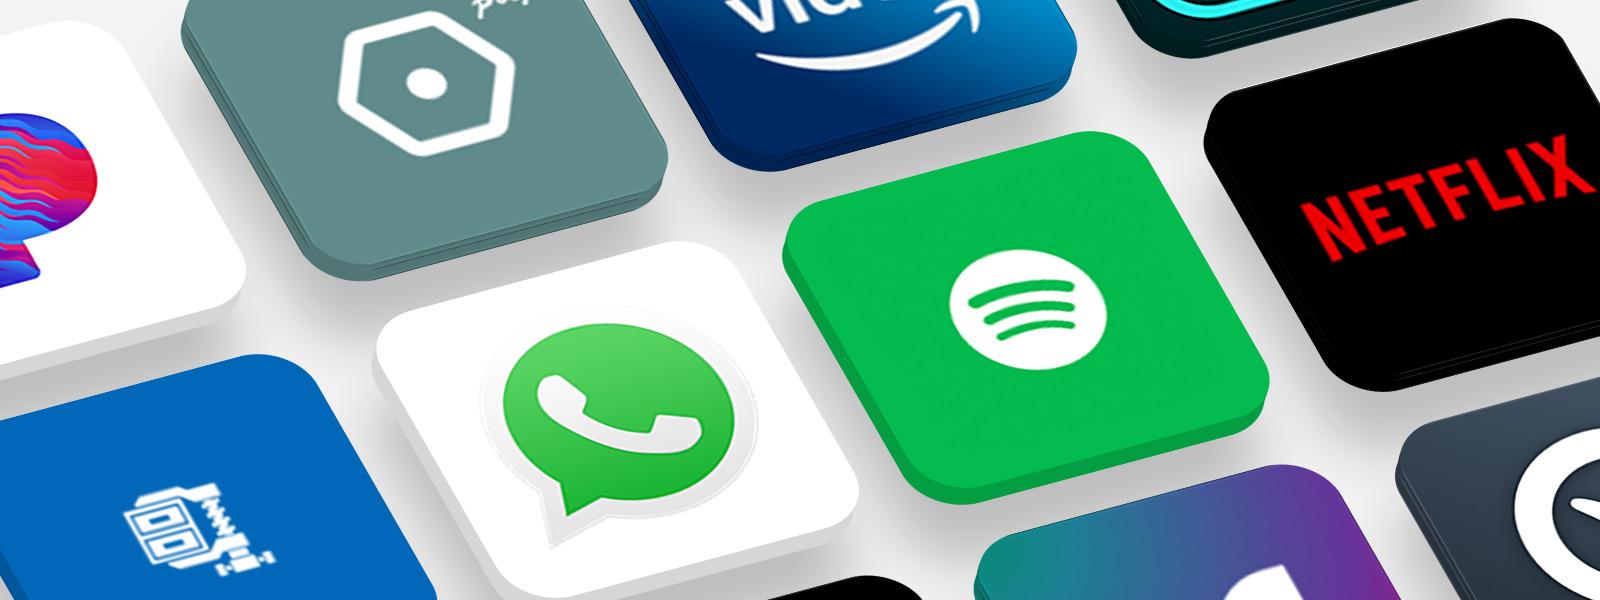 Birçok popüler uygulamanın logoları